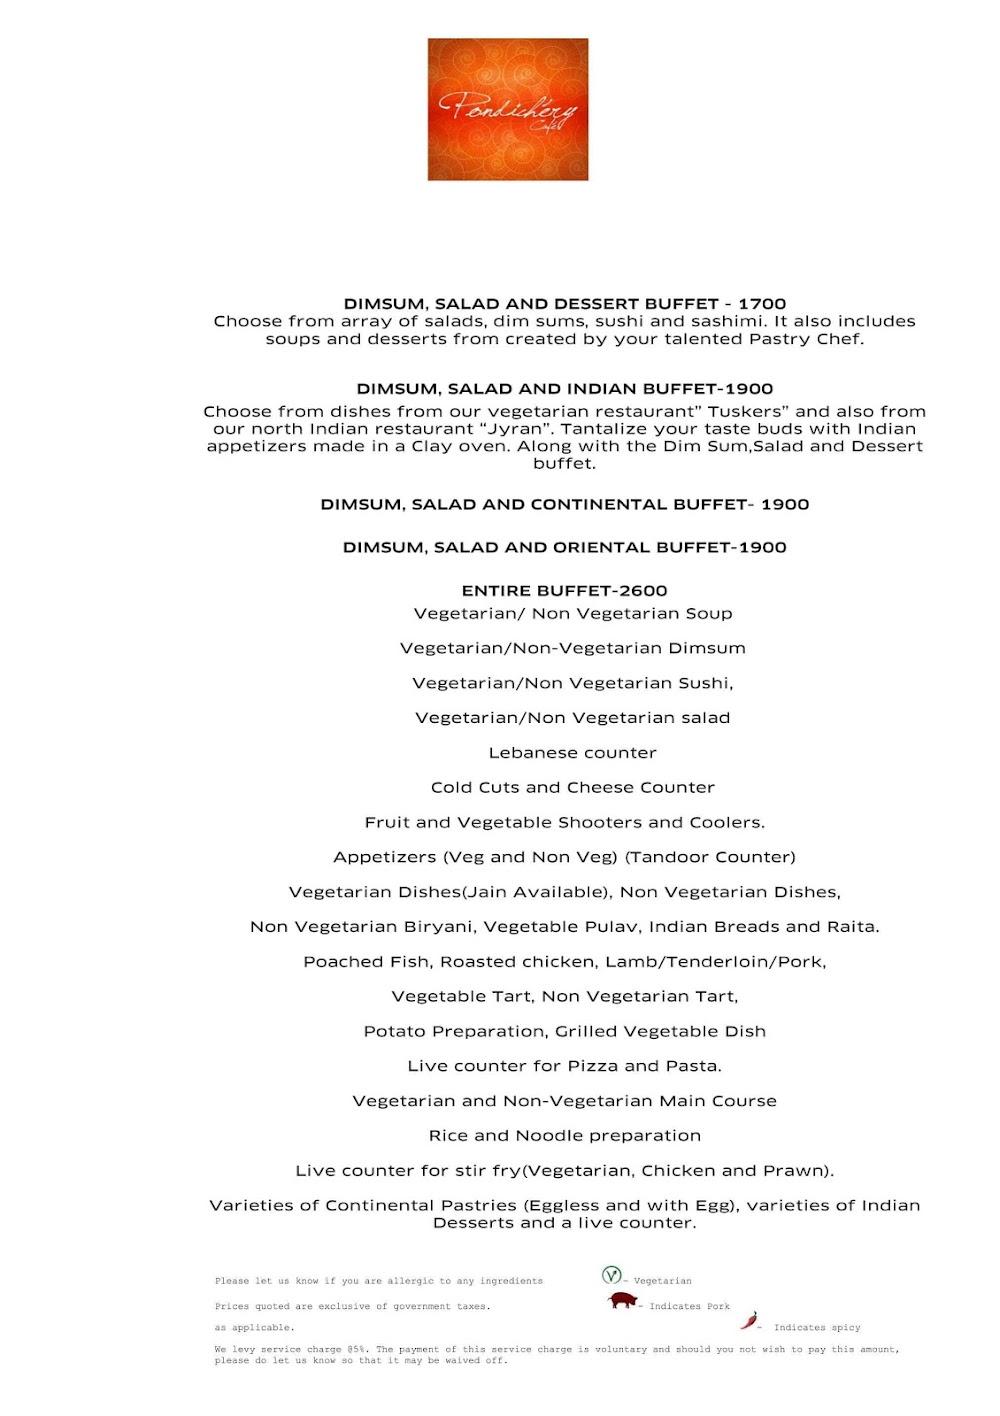 Pondichery Cafe - Sofitel menu 6